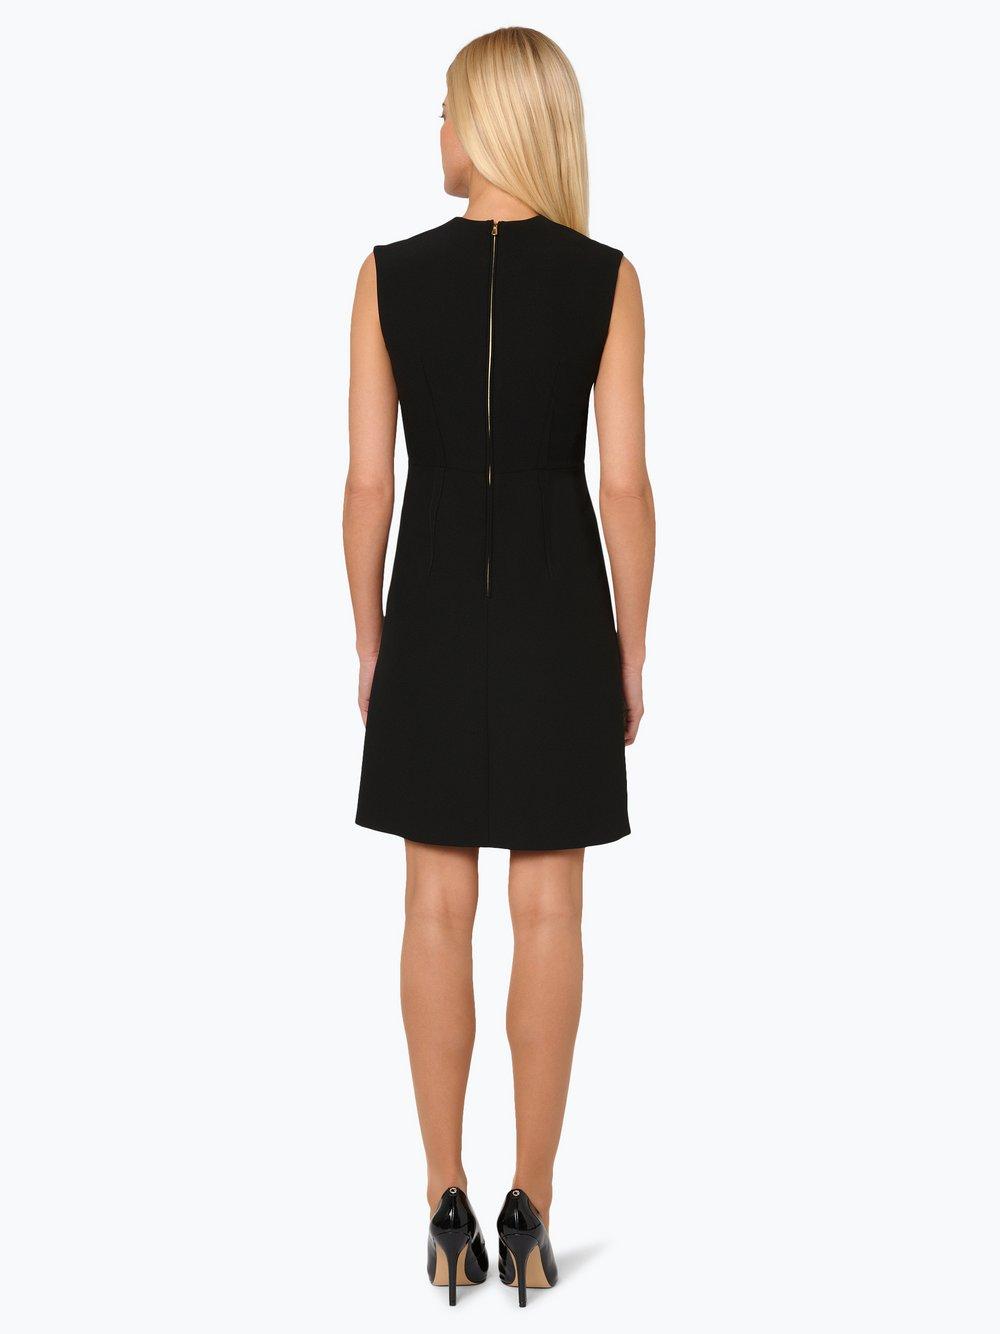 Apriori Damen Kleid schwarz weiß uni online kaufen | PEEK-UND ...